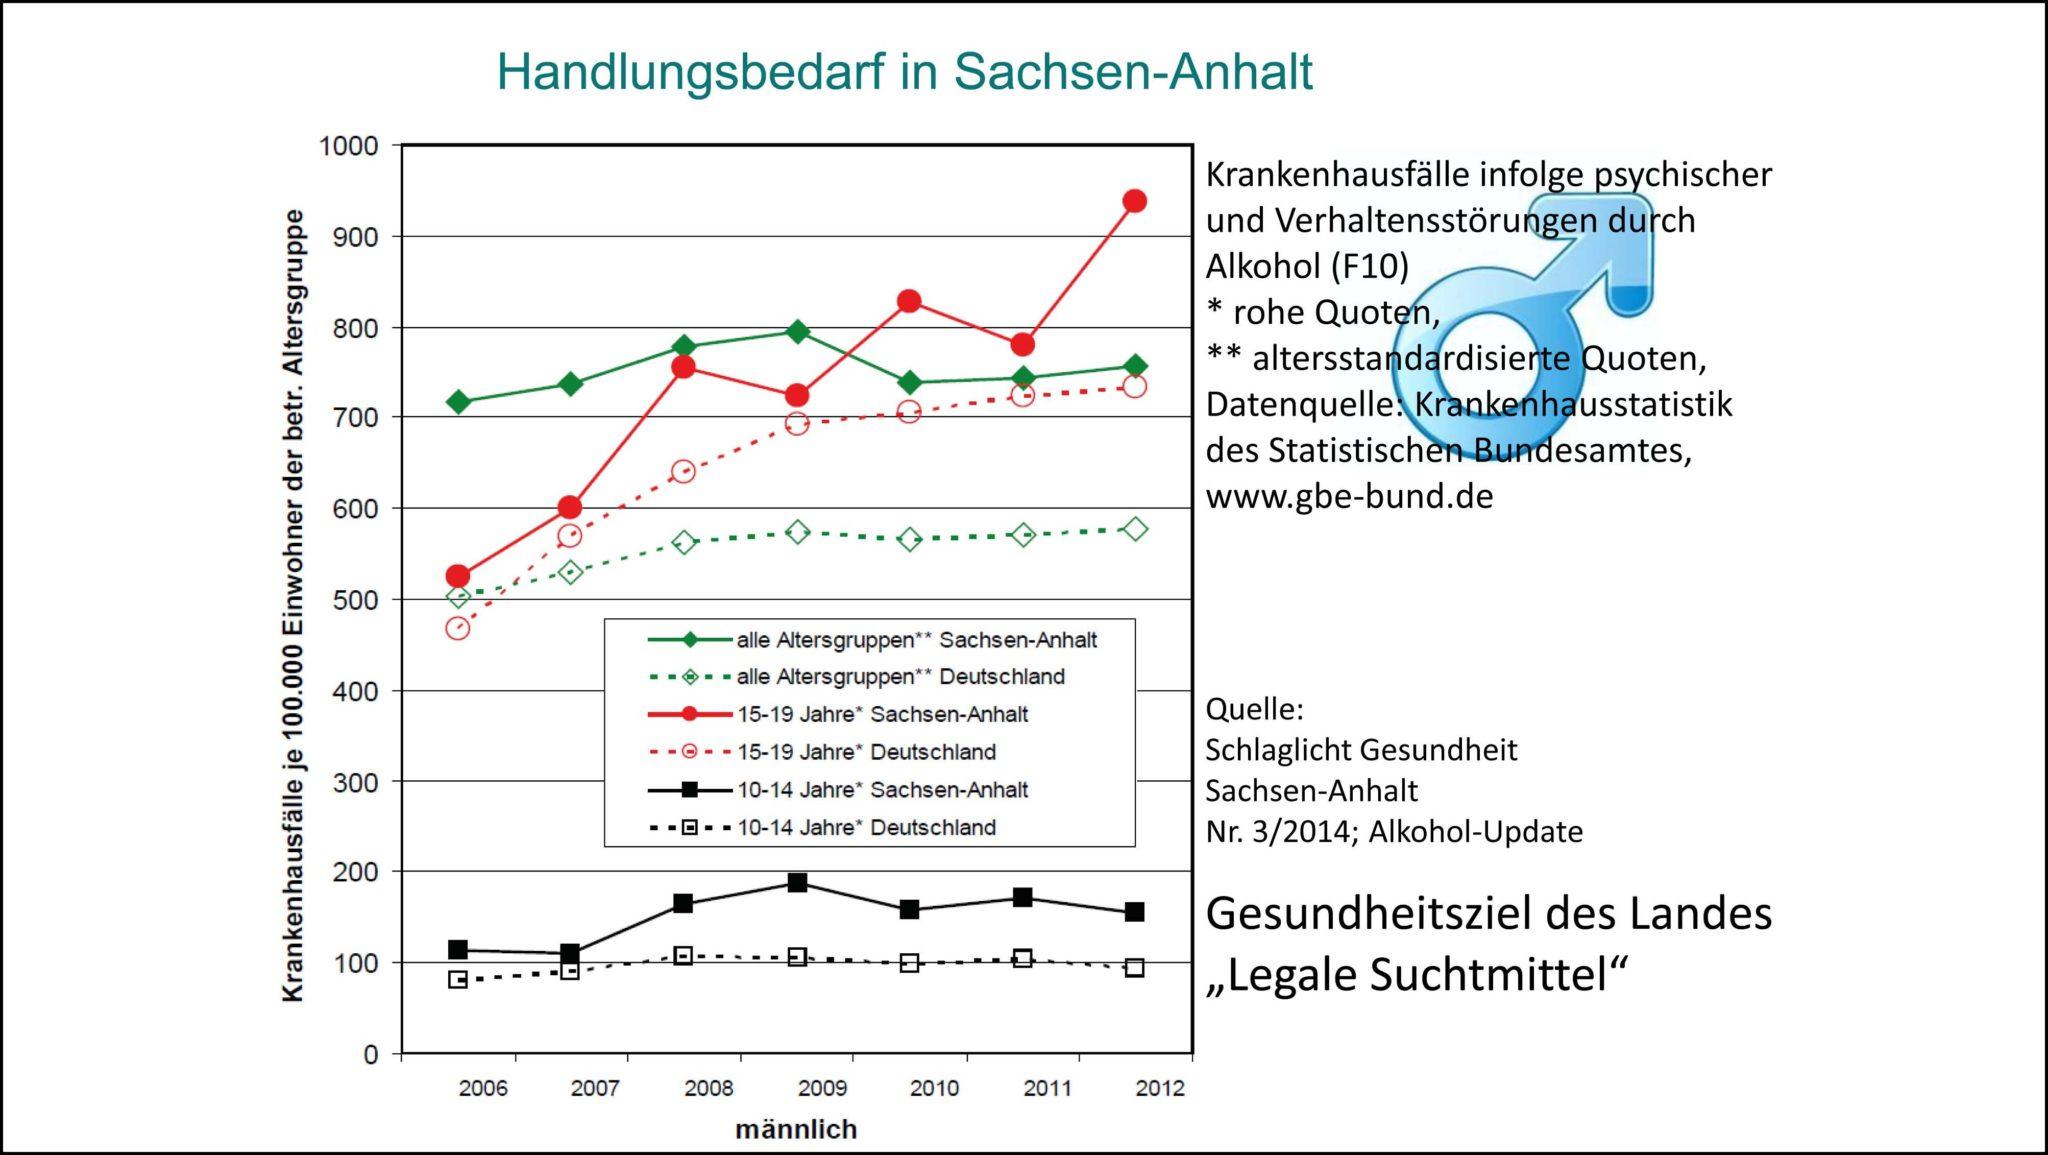 Abb. 1: Krankenhausfälle aufgrund von Alkohol in Sachsen-Anhalt